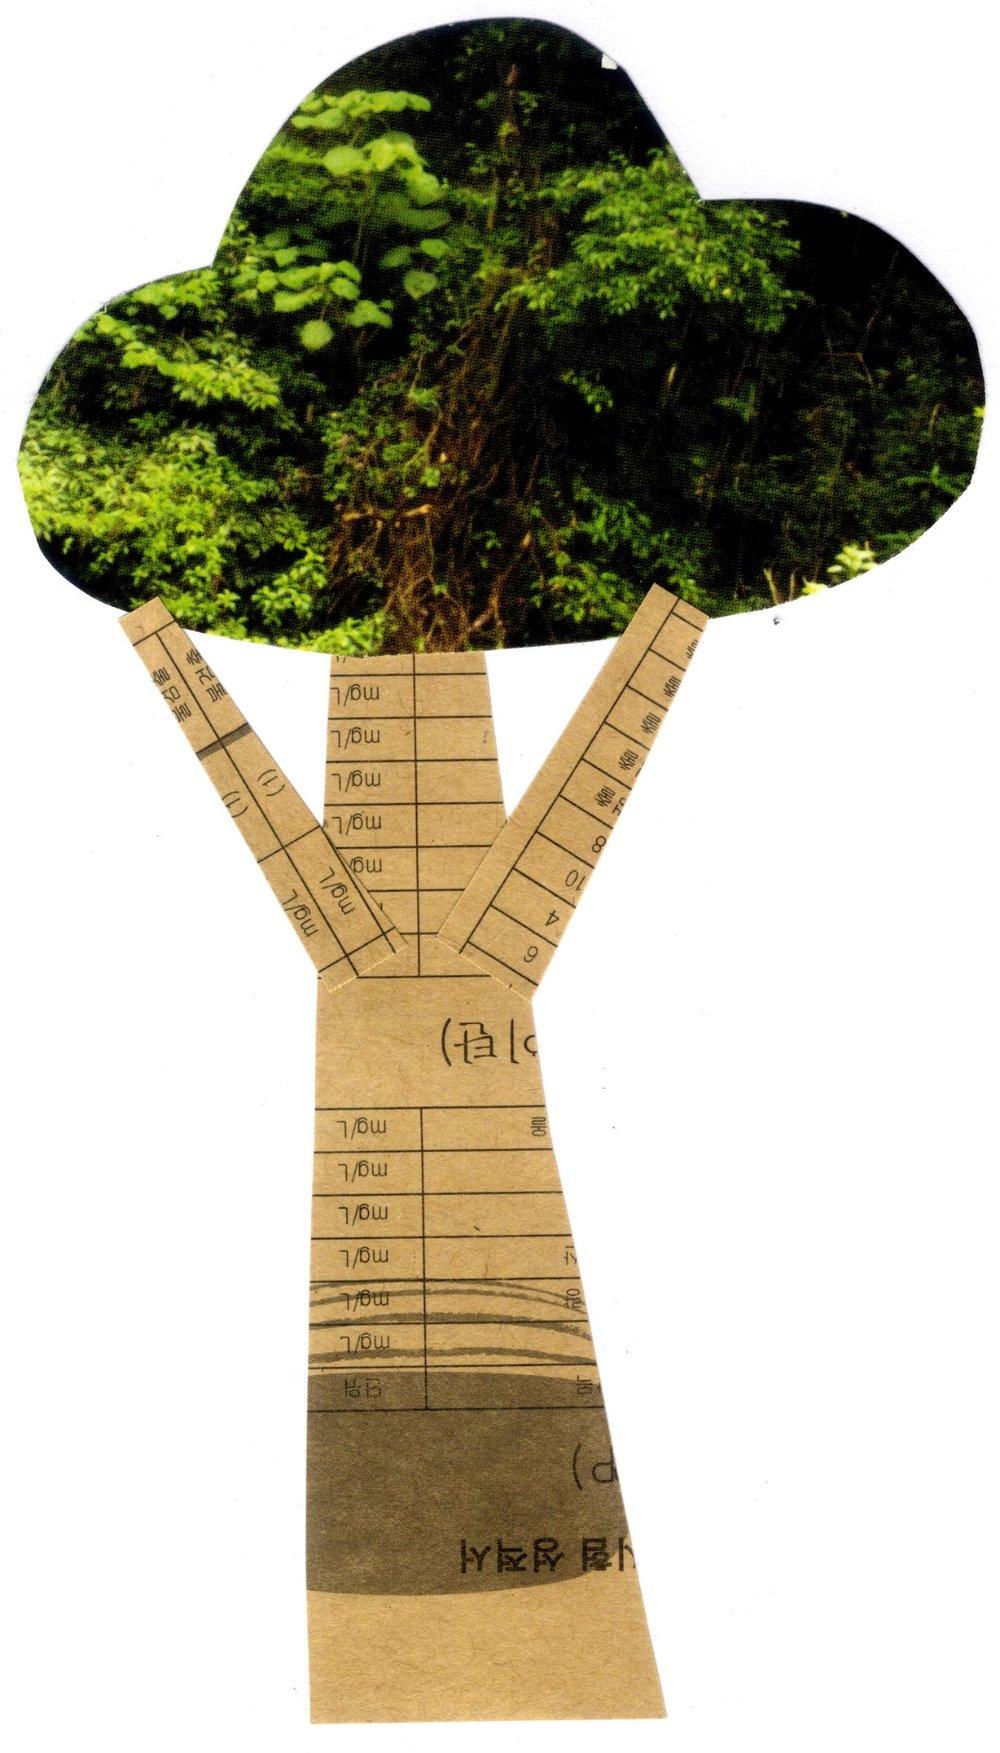 tree2 copy.jpg